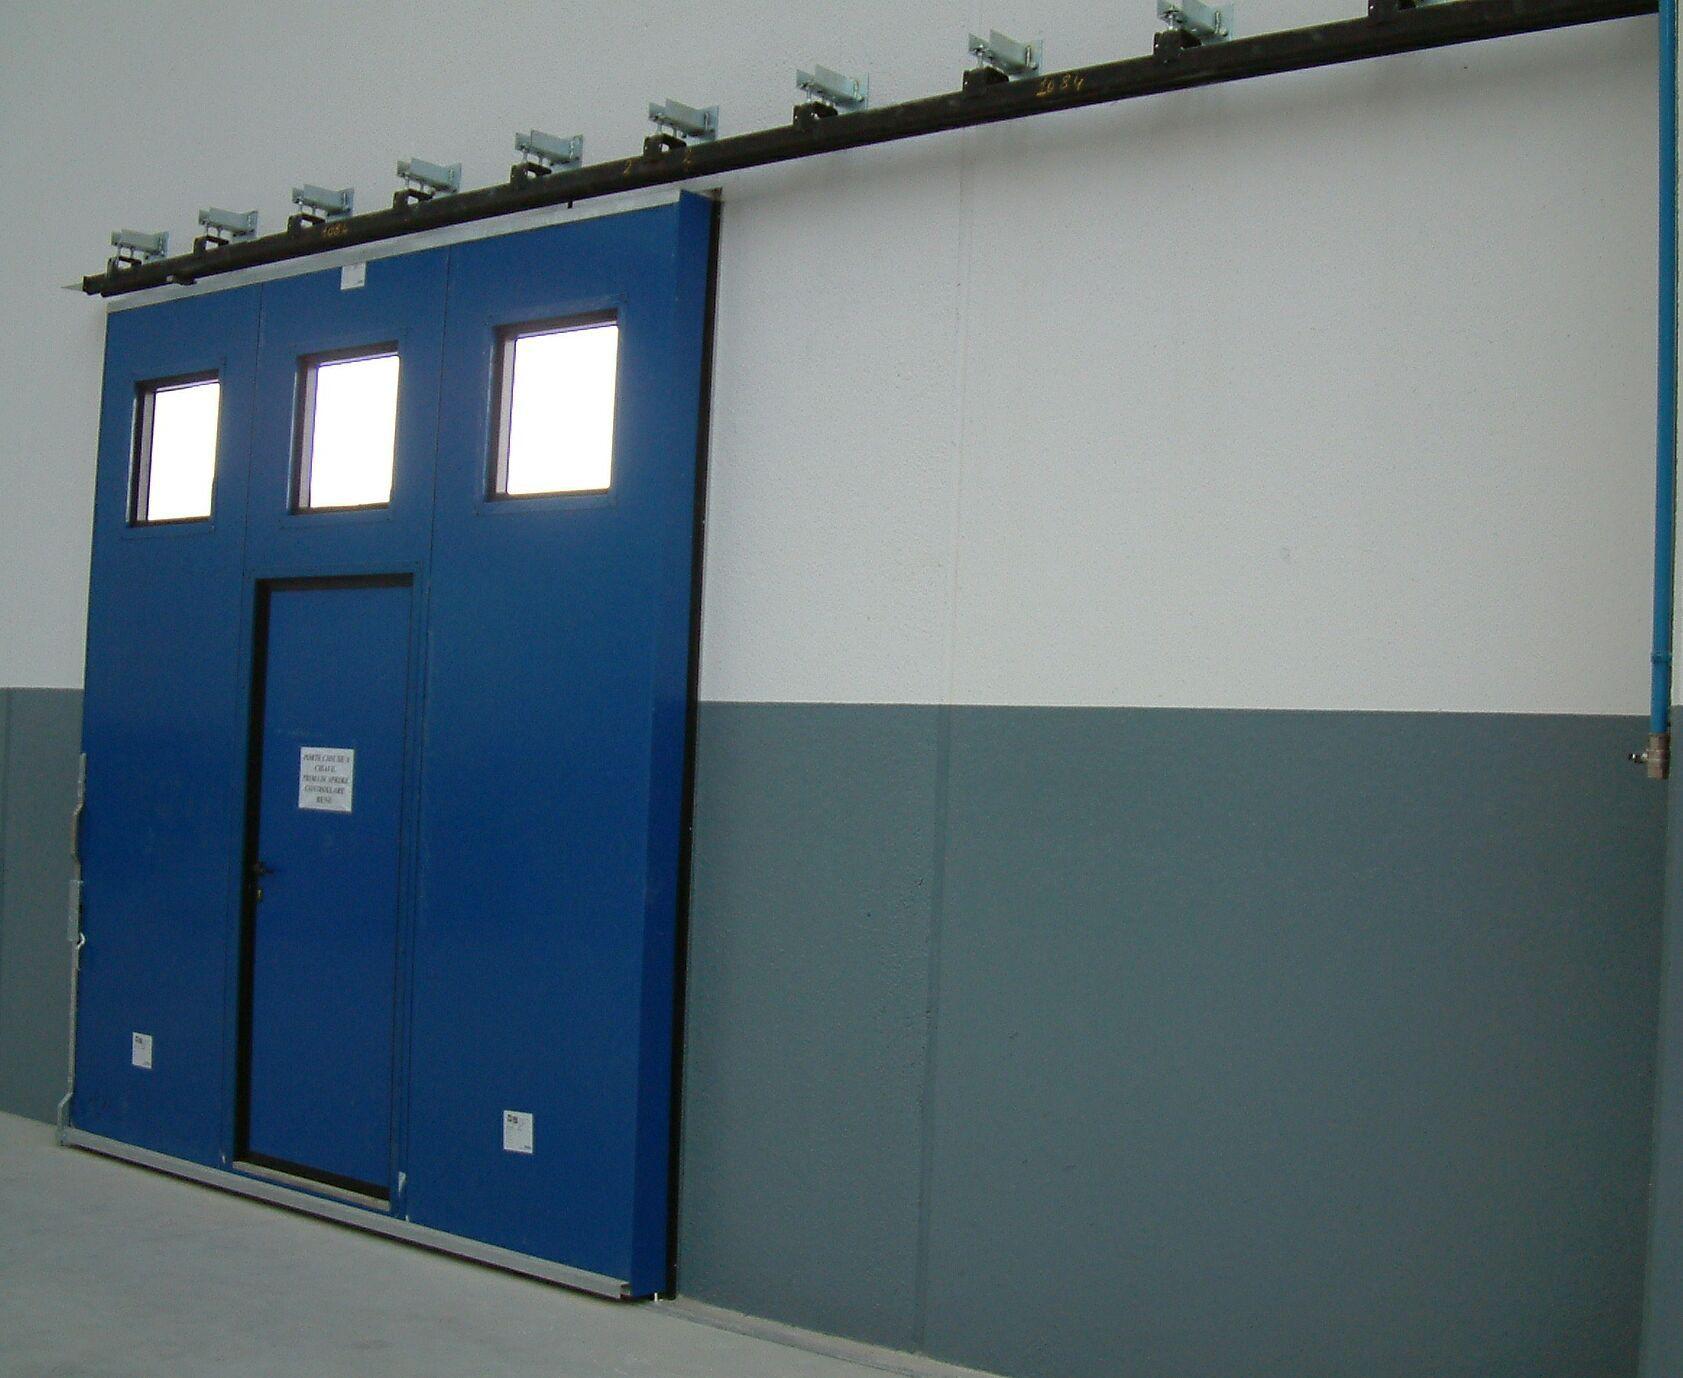 Sliding door metal exterior industrial ps 3000 sacil hlb sliding door metal exterior industrial ps 3000 sacil hlb vtopaller Gallery